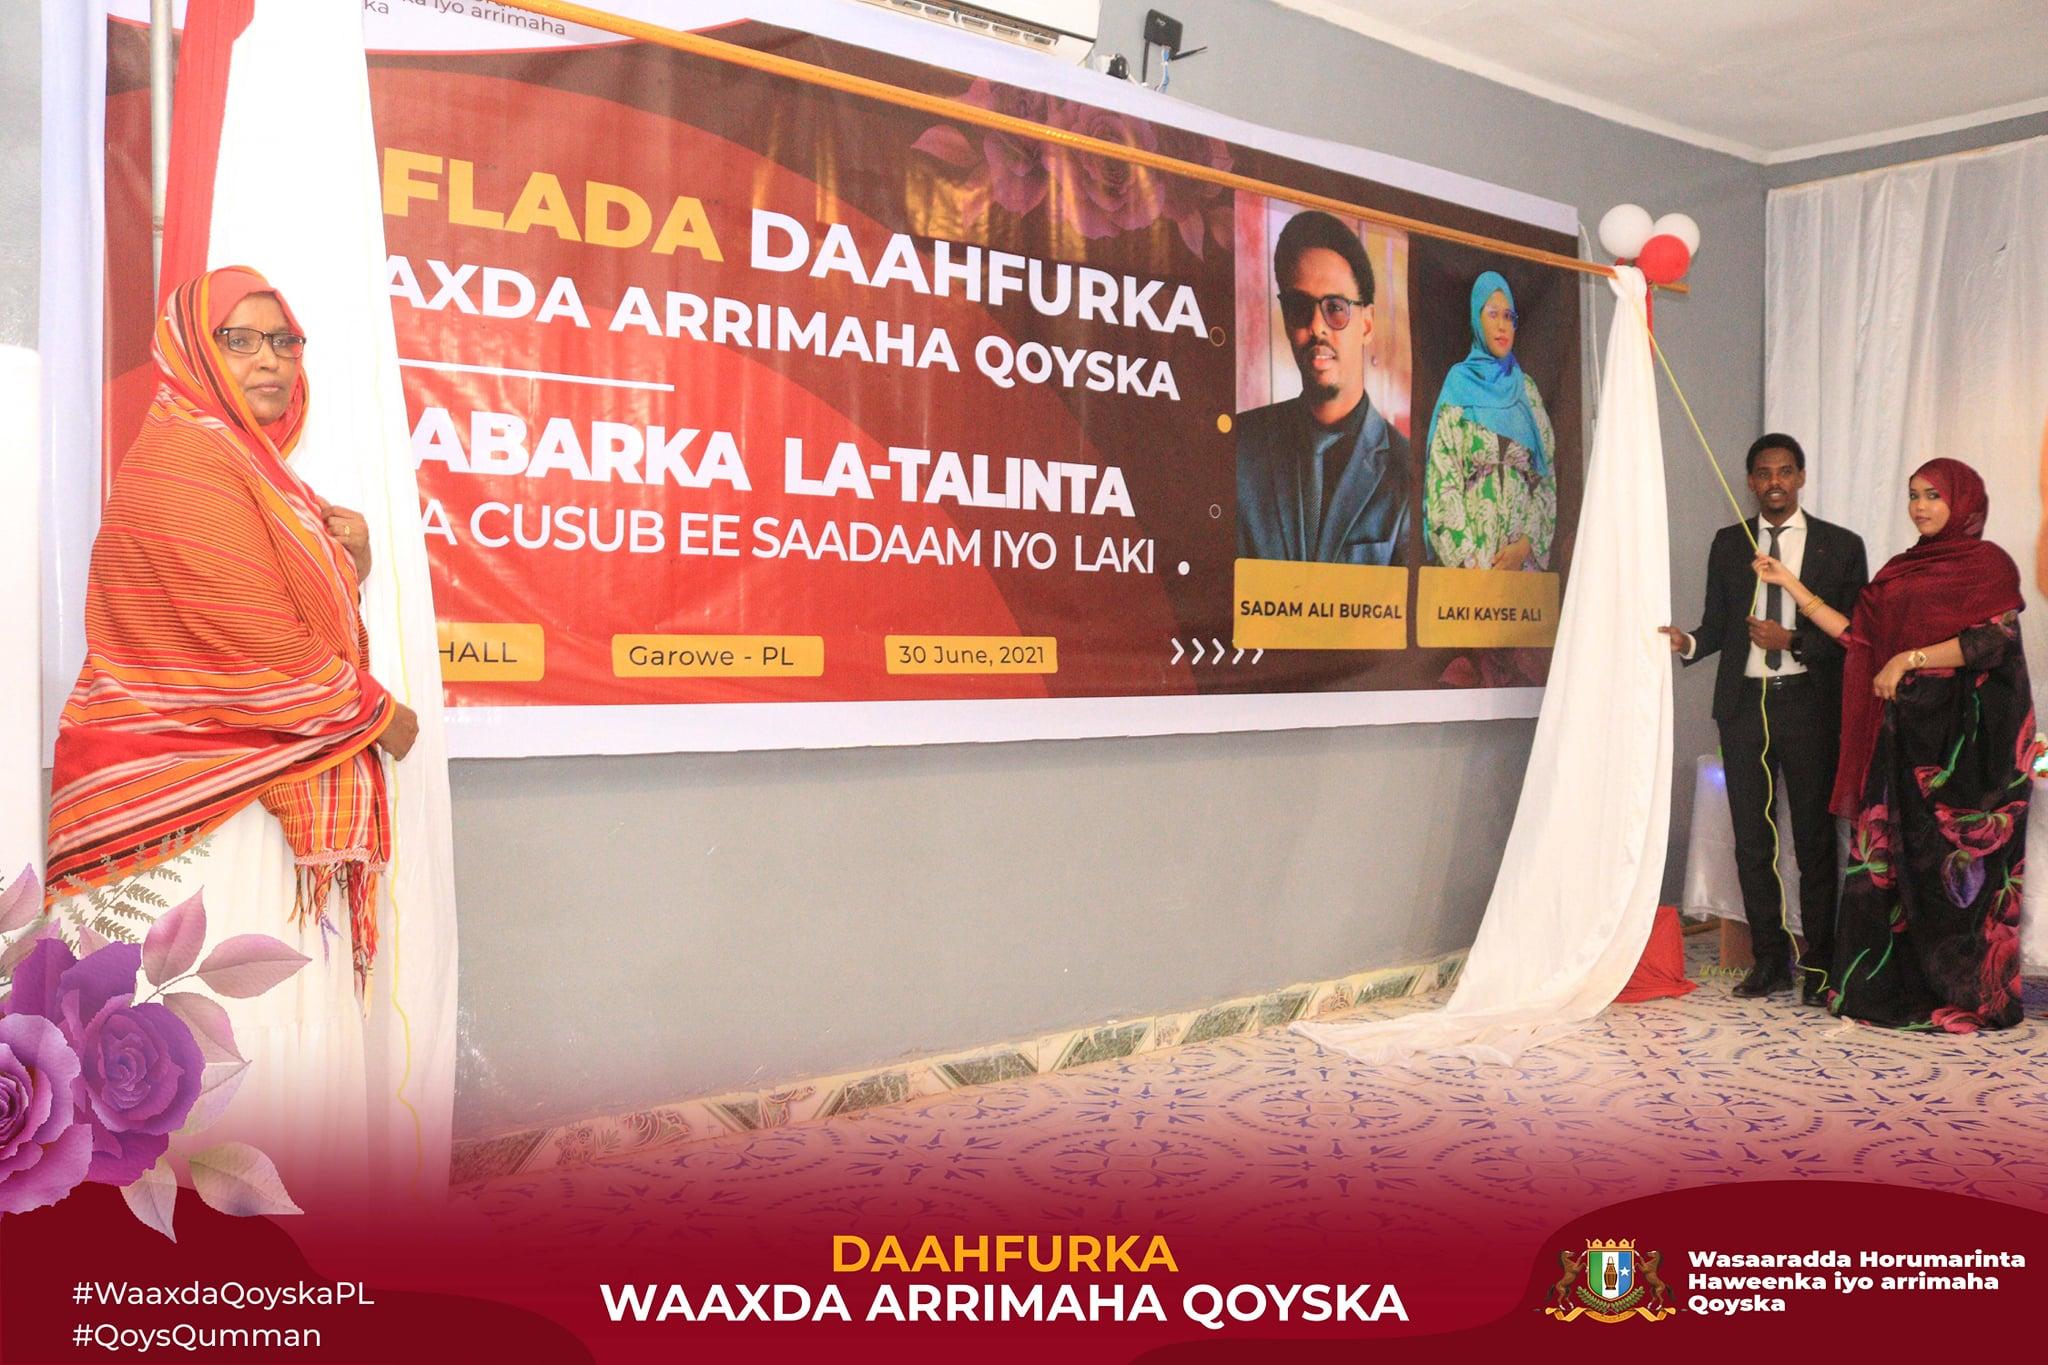 GAROWE: Wasaarada haweenka oo daahfurtay waaxda Arimaha Qoyska (daawo)